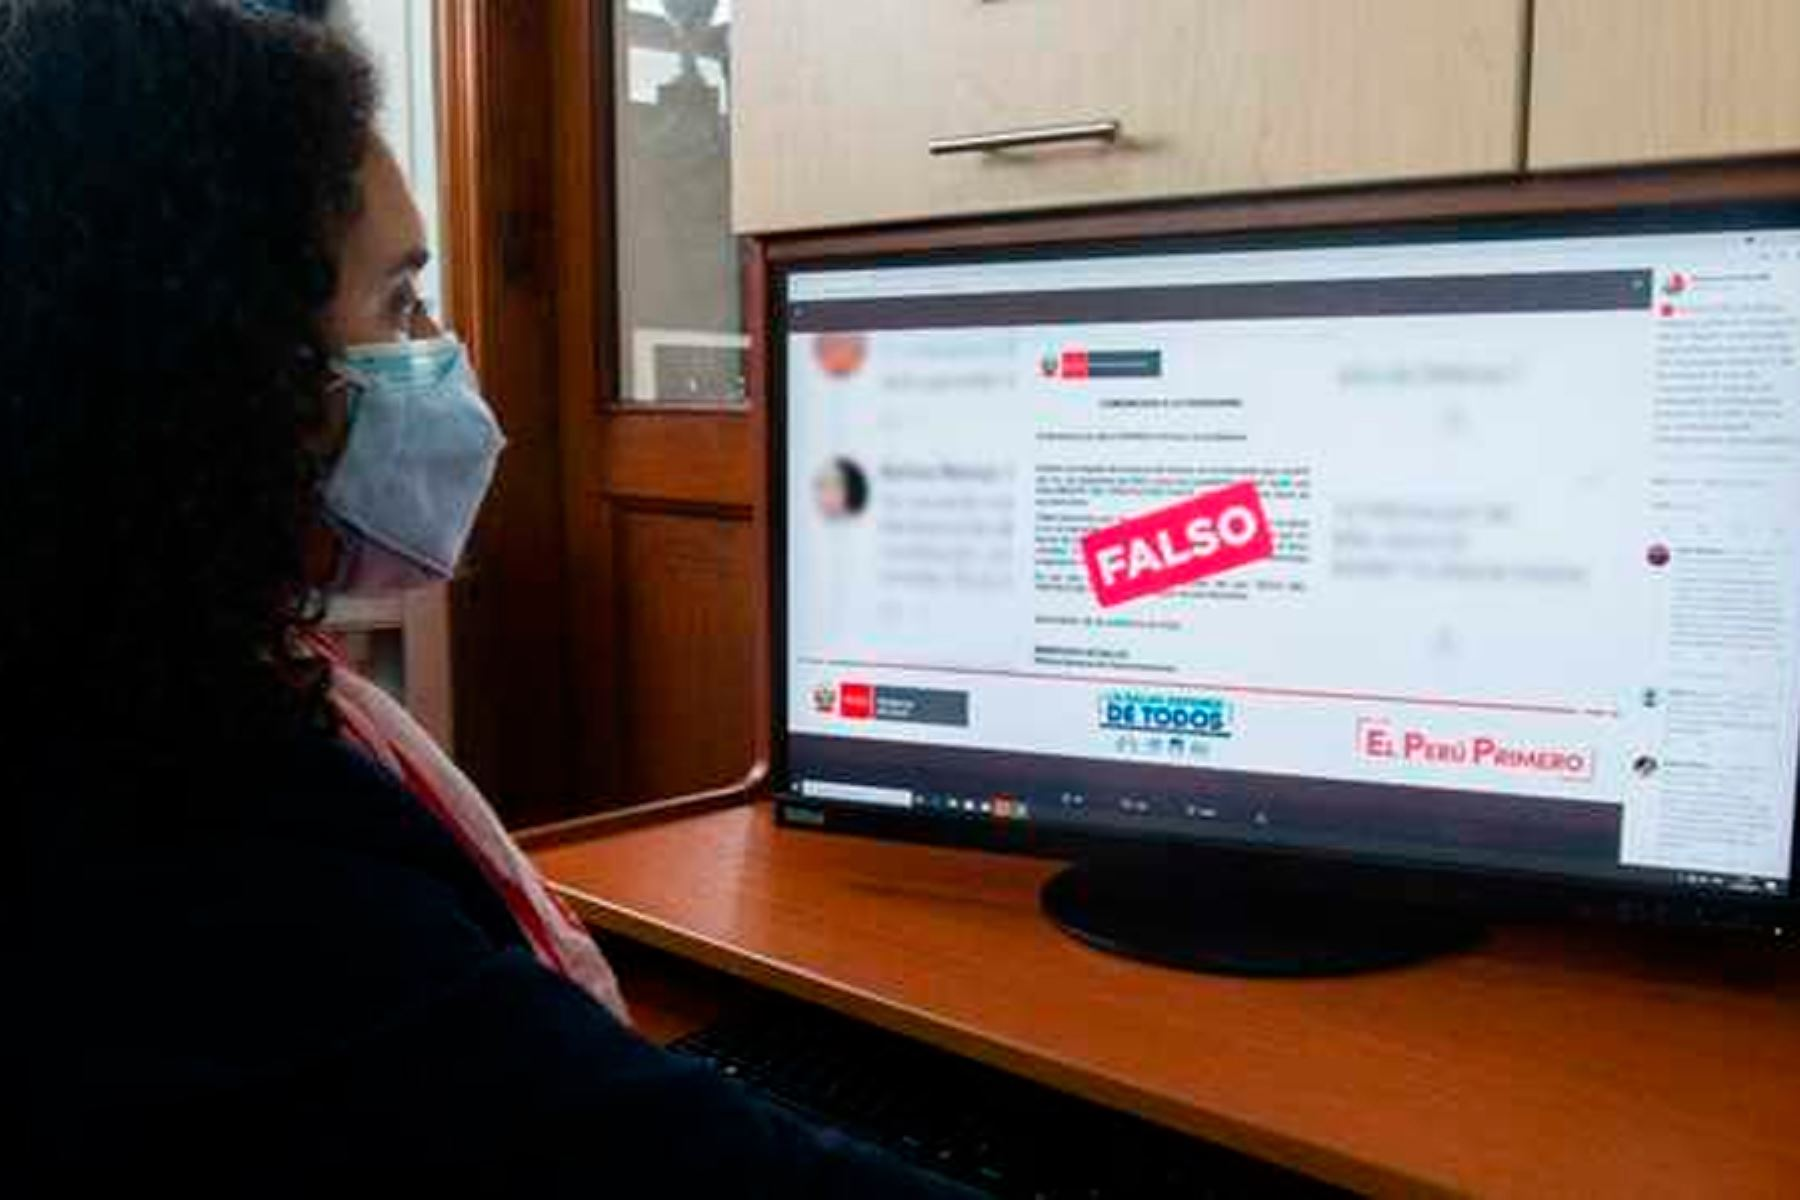 Los adultos deben guiar a los jóvenes hacia una correcta búsqueda de información. Foto: ANDINA/Minsa